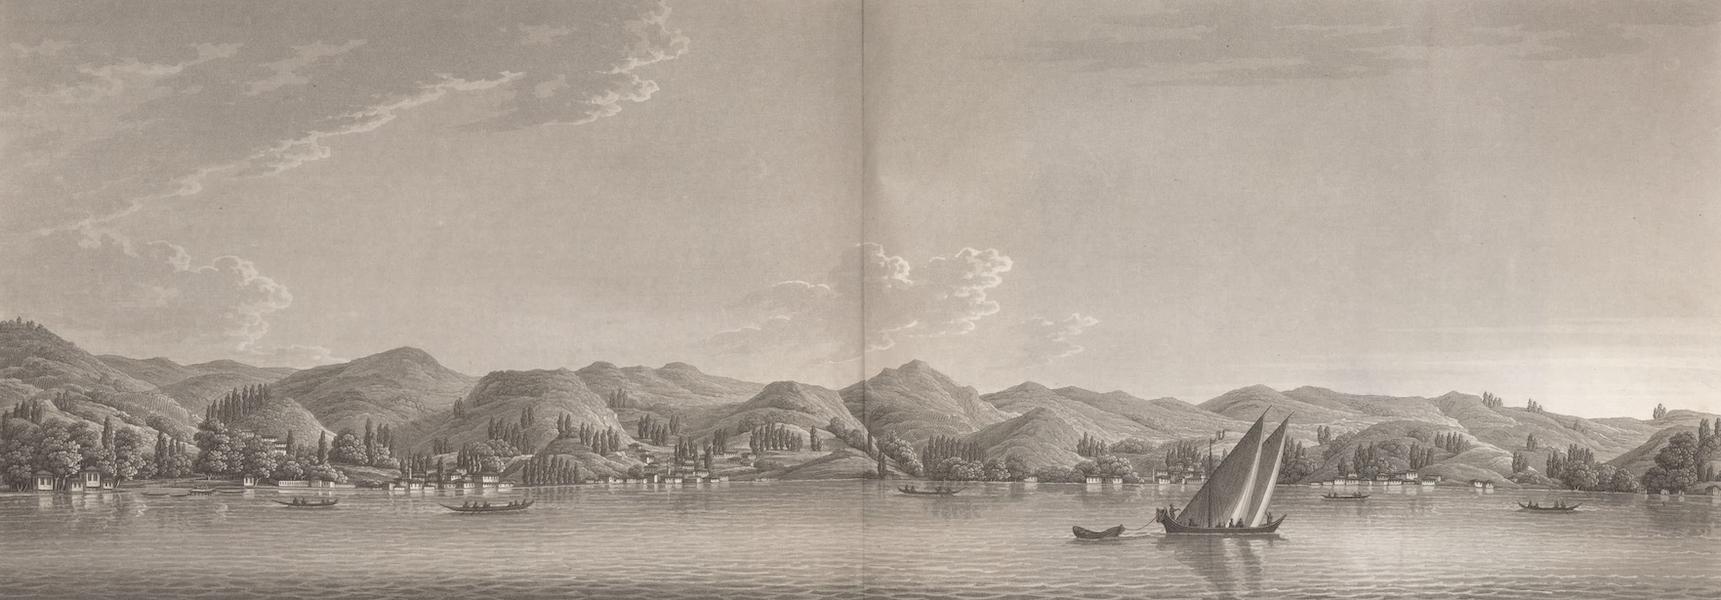 Promenades Pittoresques dans Constantinople Atlas - XVI. Vue de la côte d'Asie, depuis la montagne du Géant jusqu'au cap de Tchiboucli (1817)